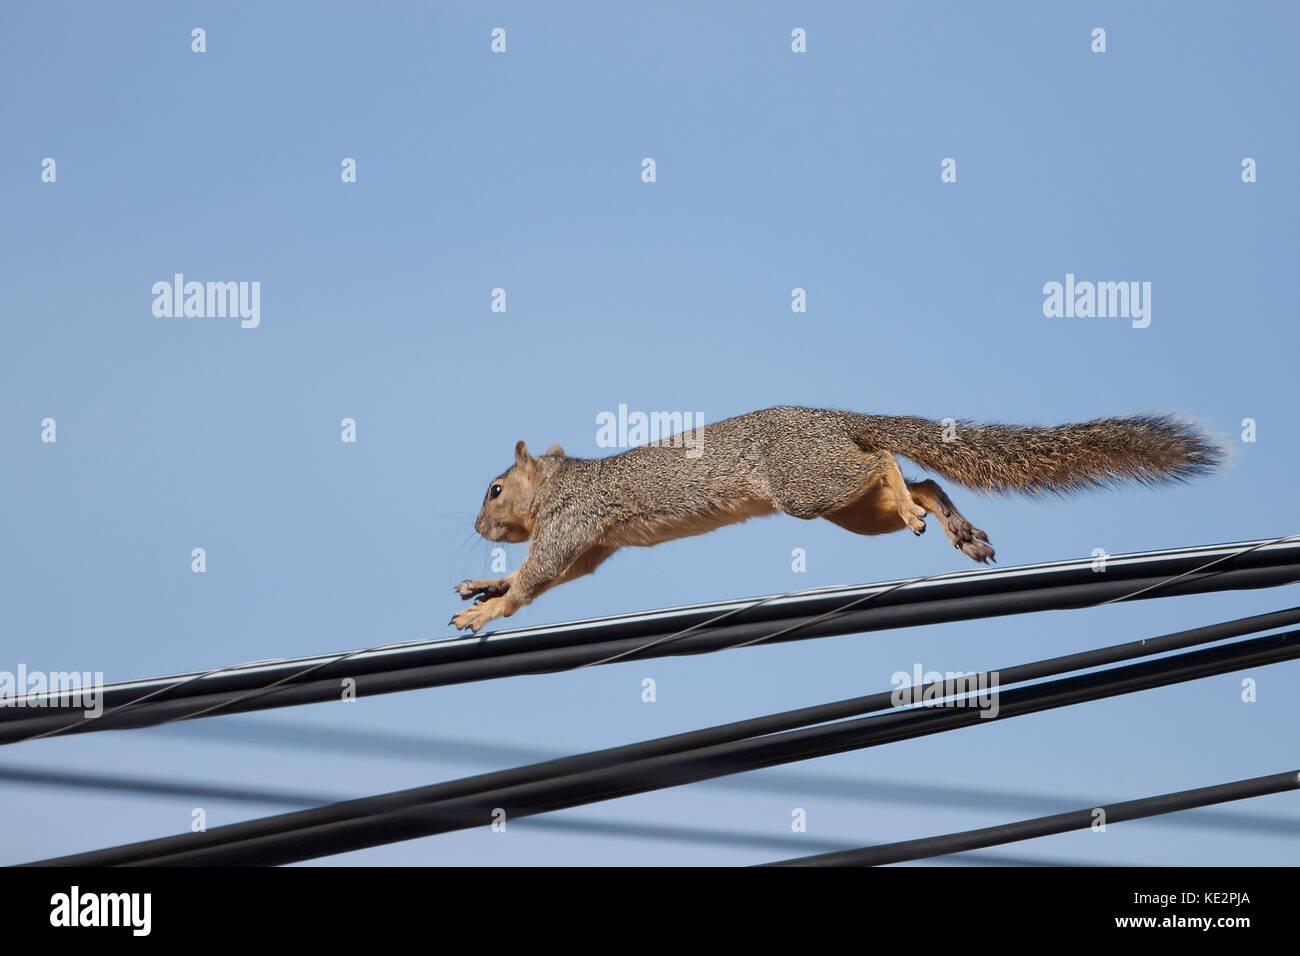 Rot oder Fuchs Eichhörnchen unter Power Utility Drähte Stockfoto ...